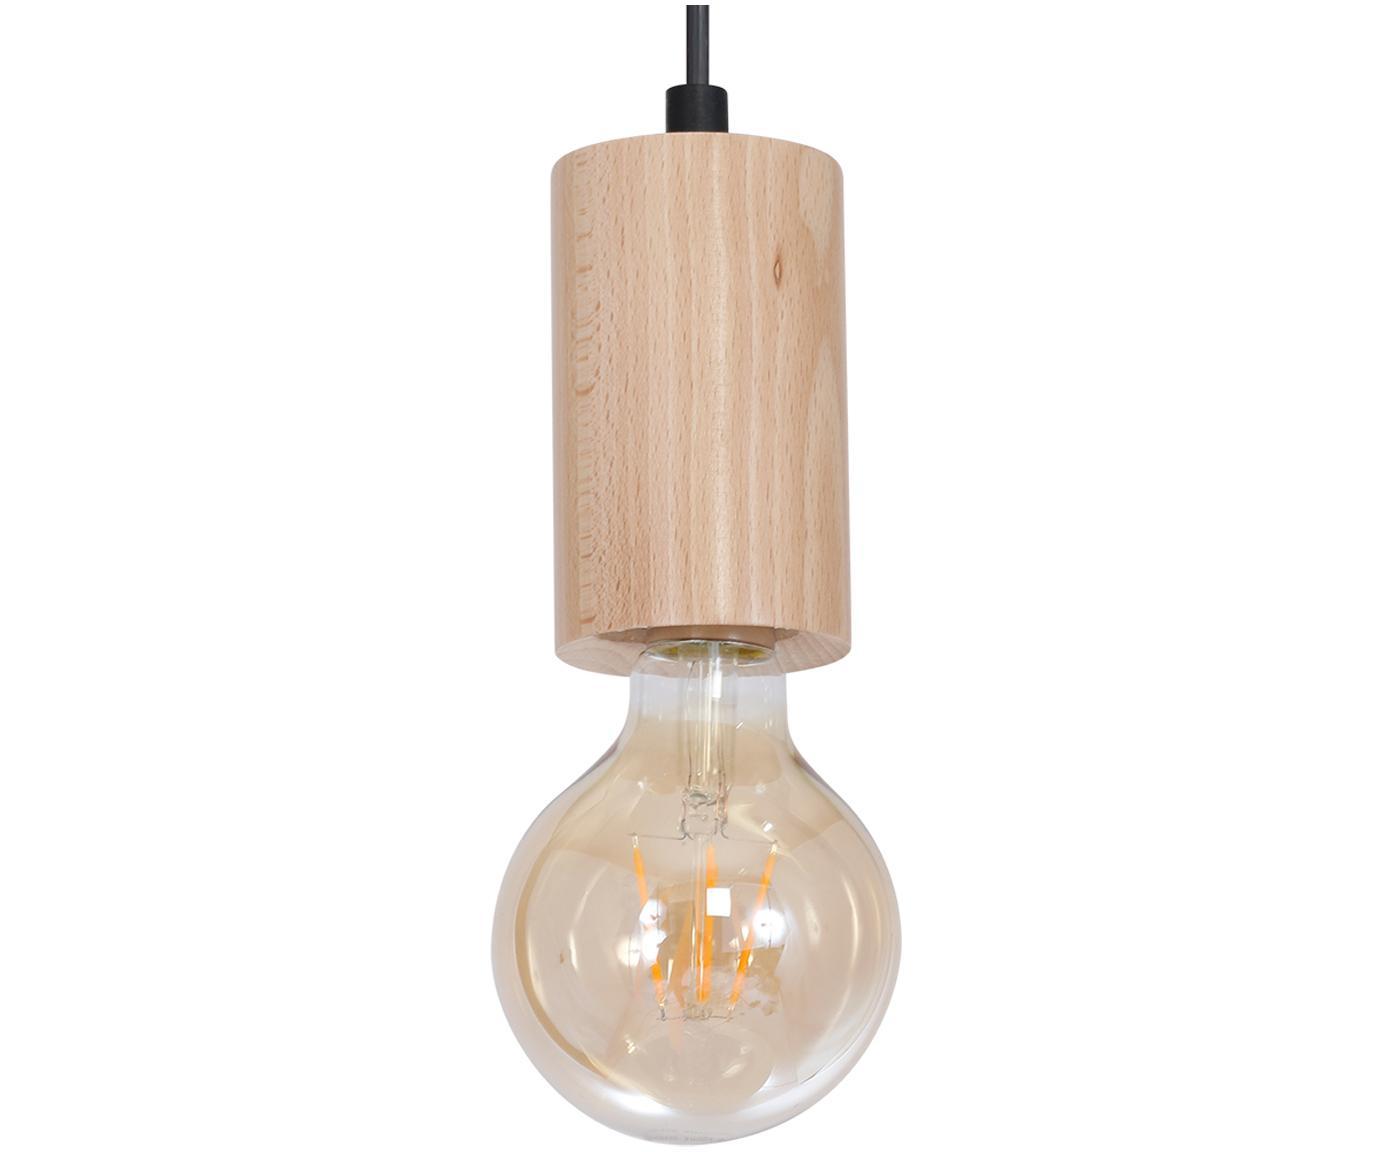 Hanglamp Lines van hout, Houtkleurig, zwart, Ø 6 x H 11 cm